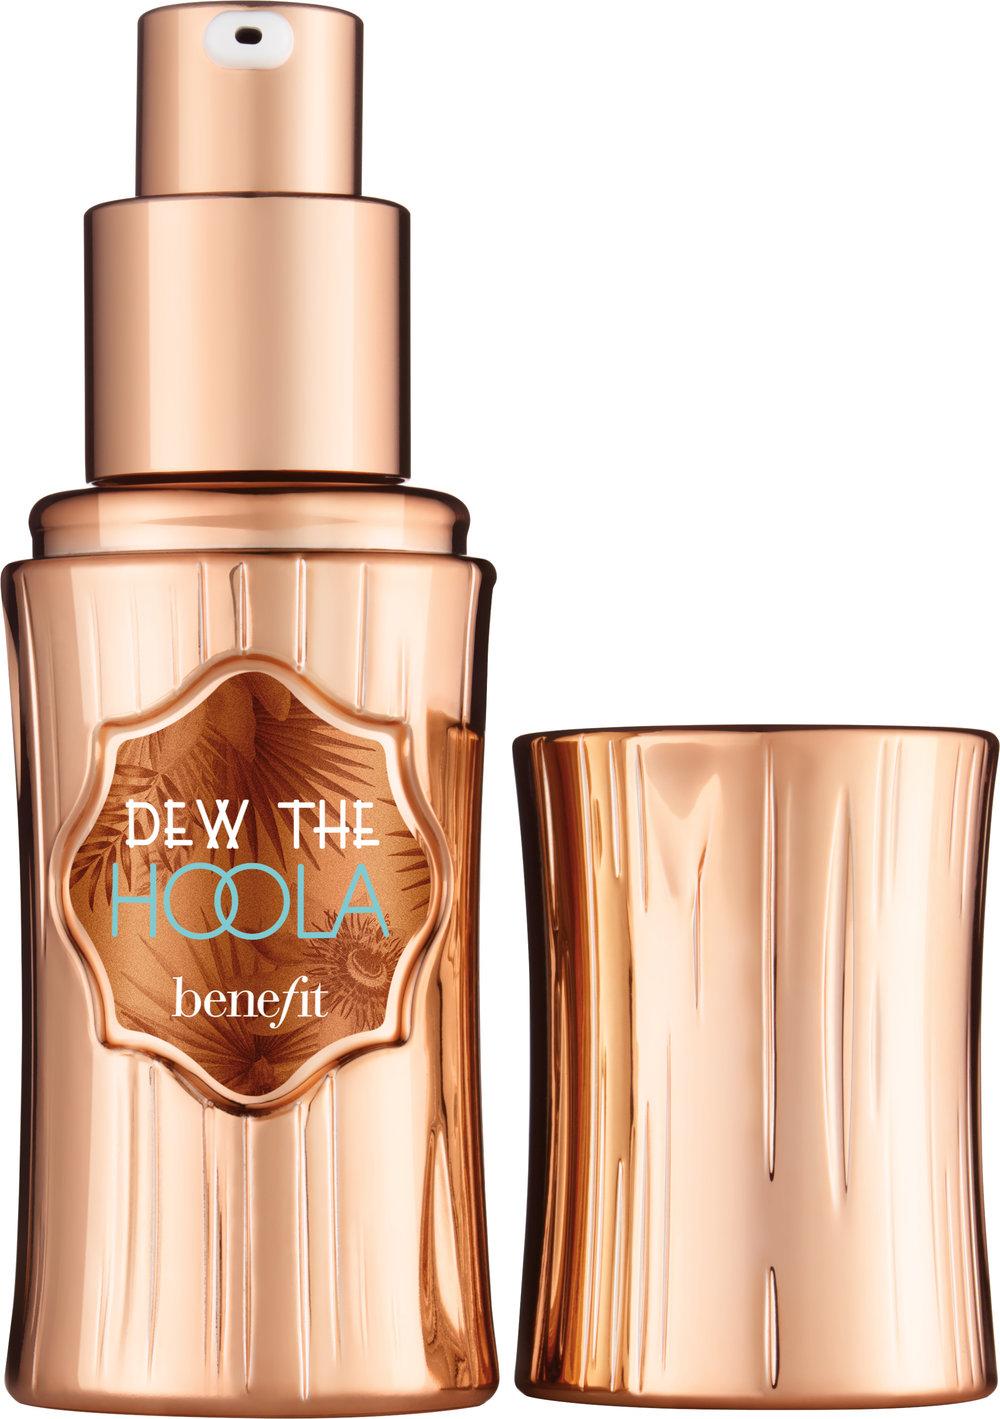 benefit-dew-the-hoola-liquid-bronzer-30ml-open.jpg